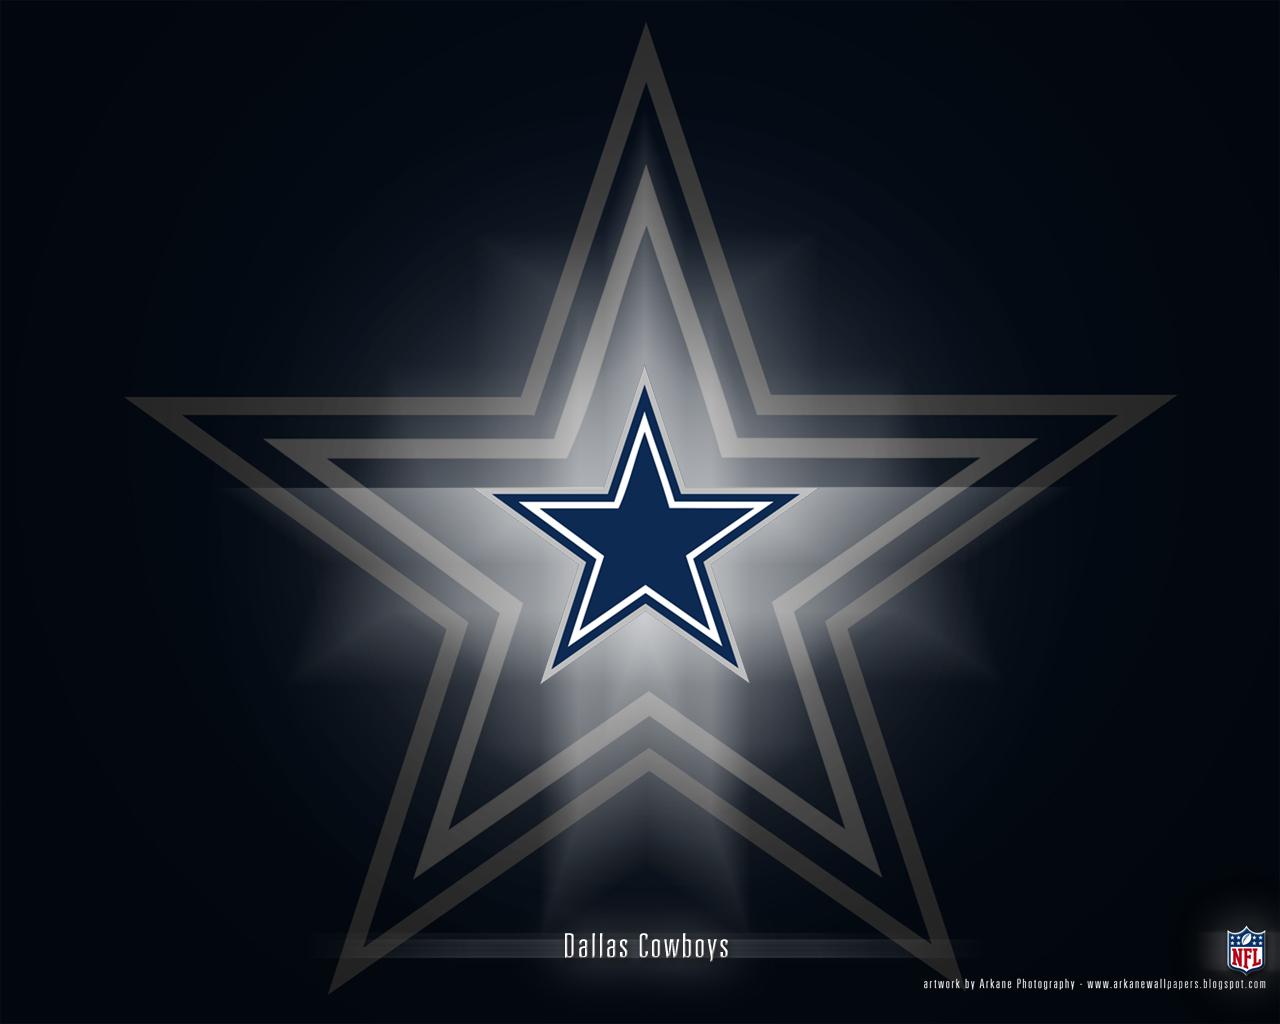 Arkane NFL Wallpapers Dallas Cowboys   Vol 1 1280x1024